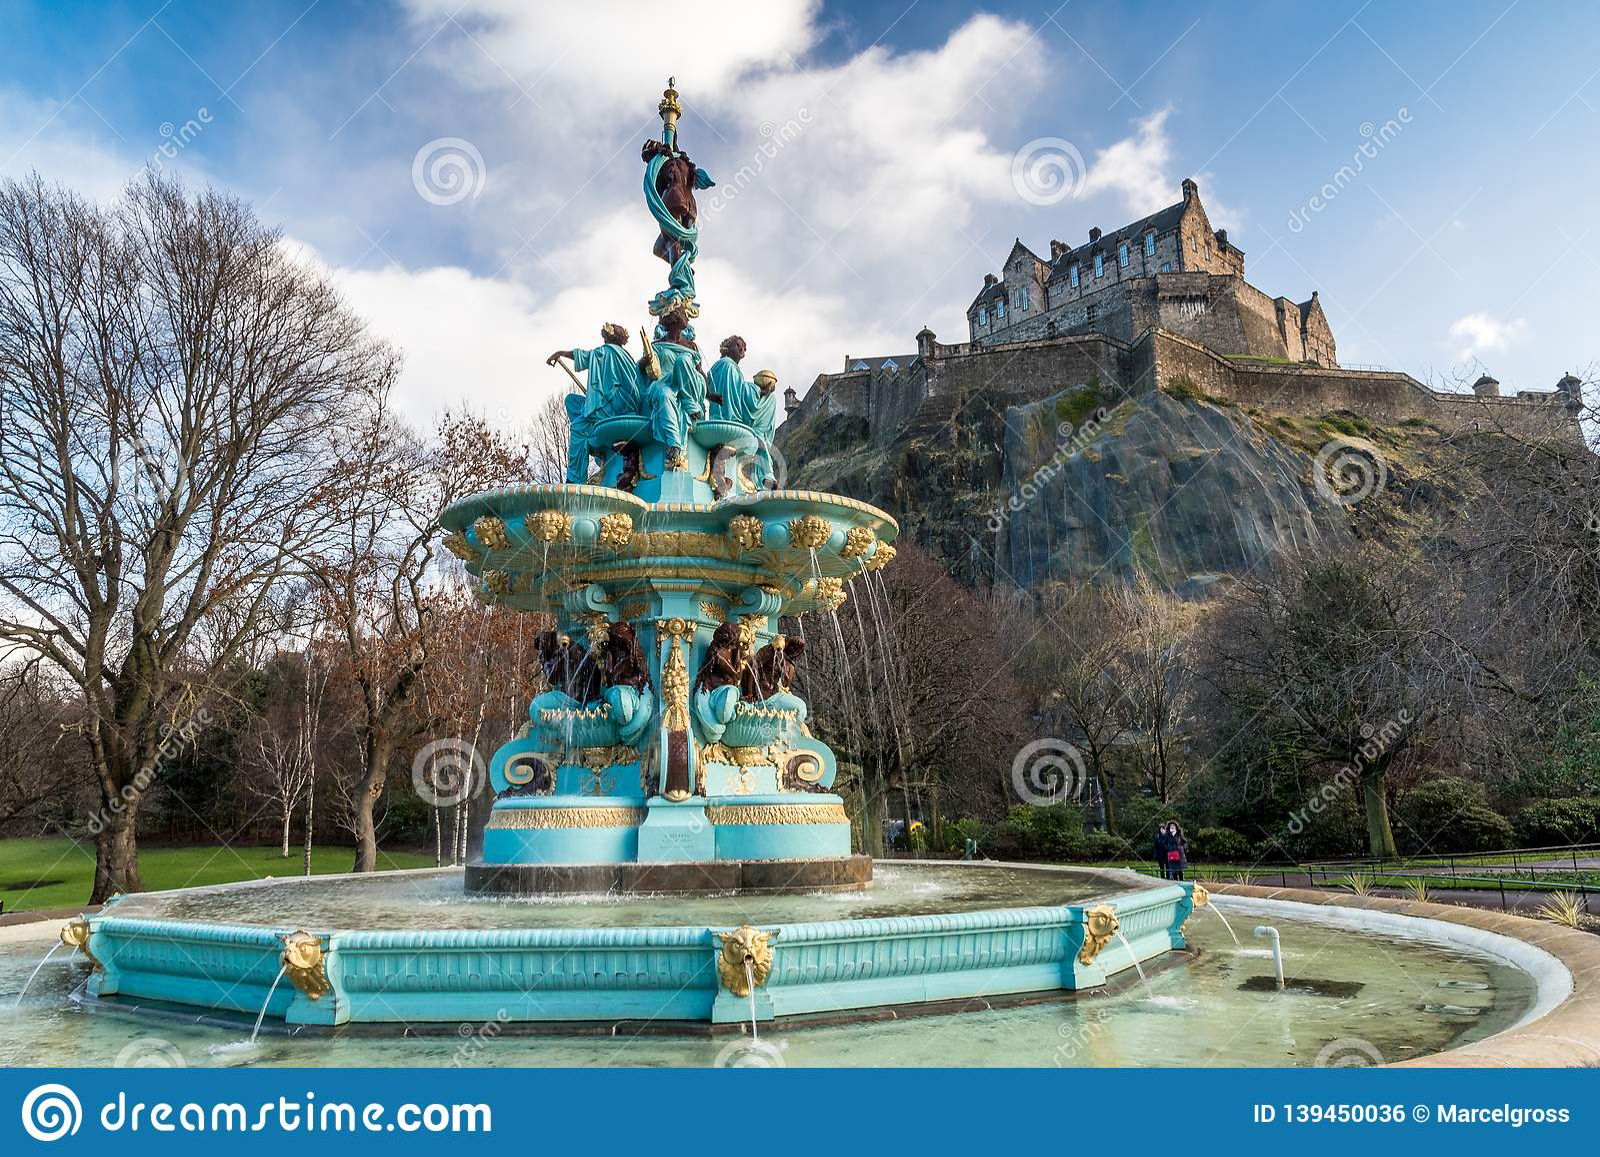 Фонтан Ross с замком Эдинбурга